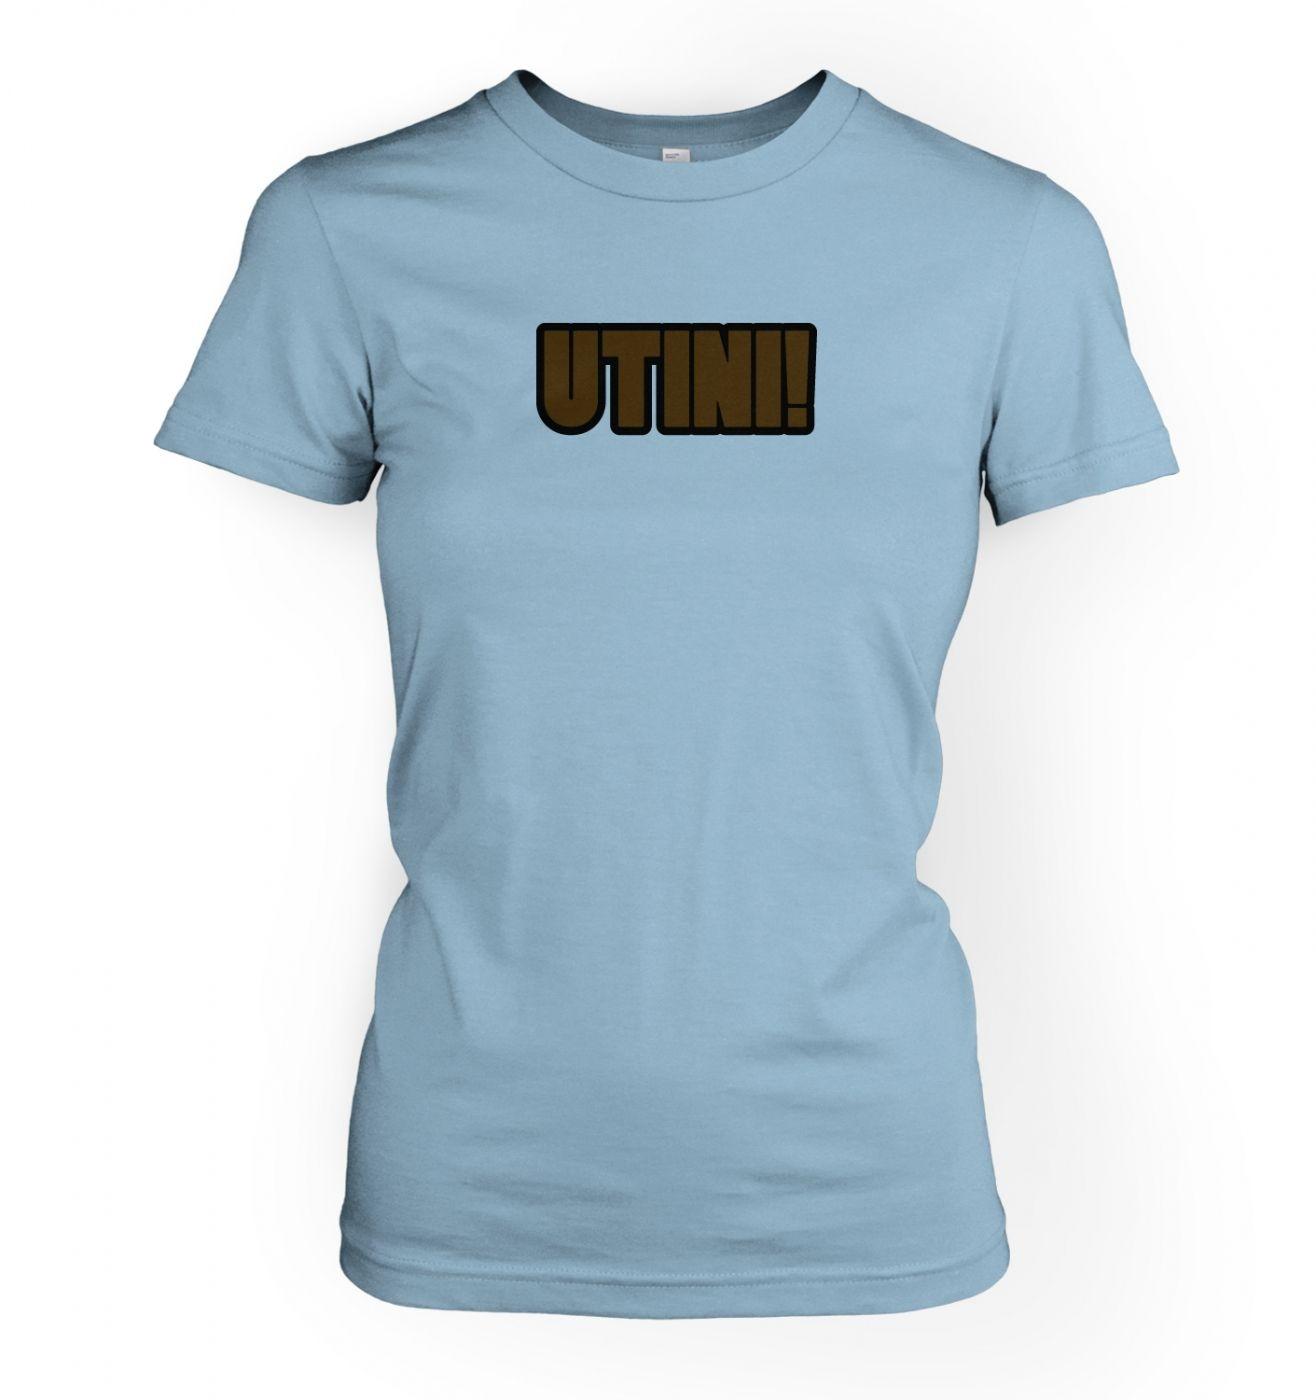 Women's Utini Jawa Cry T-shirt - Inspired by Star Wars